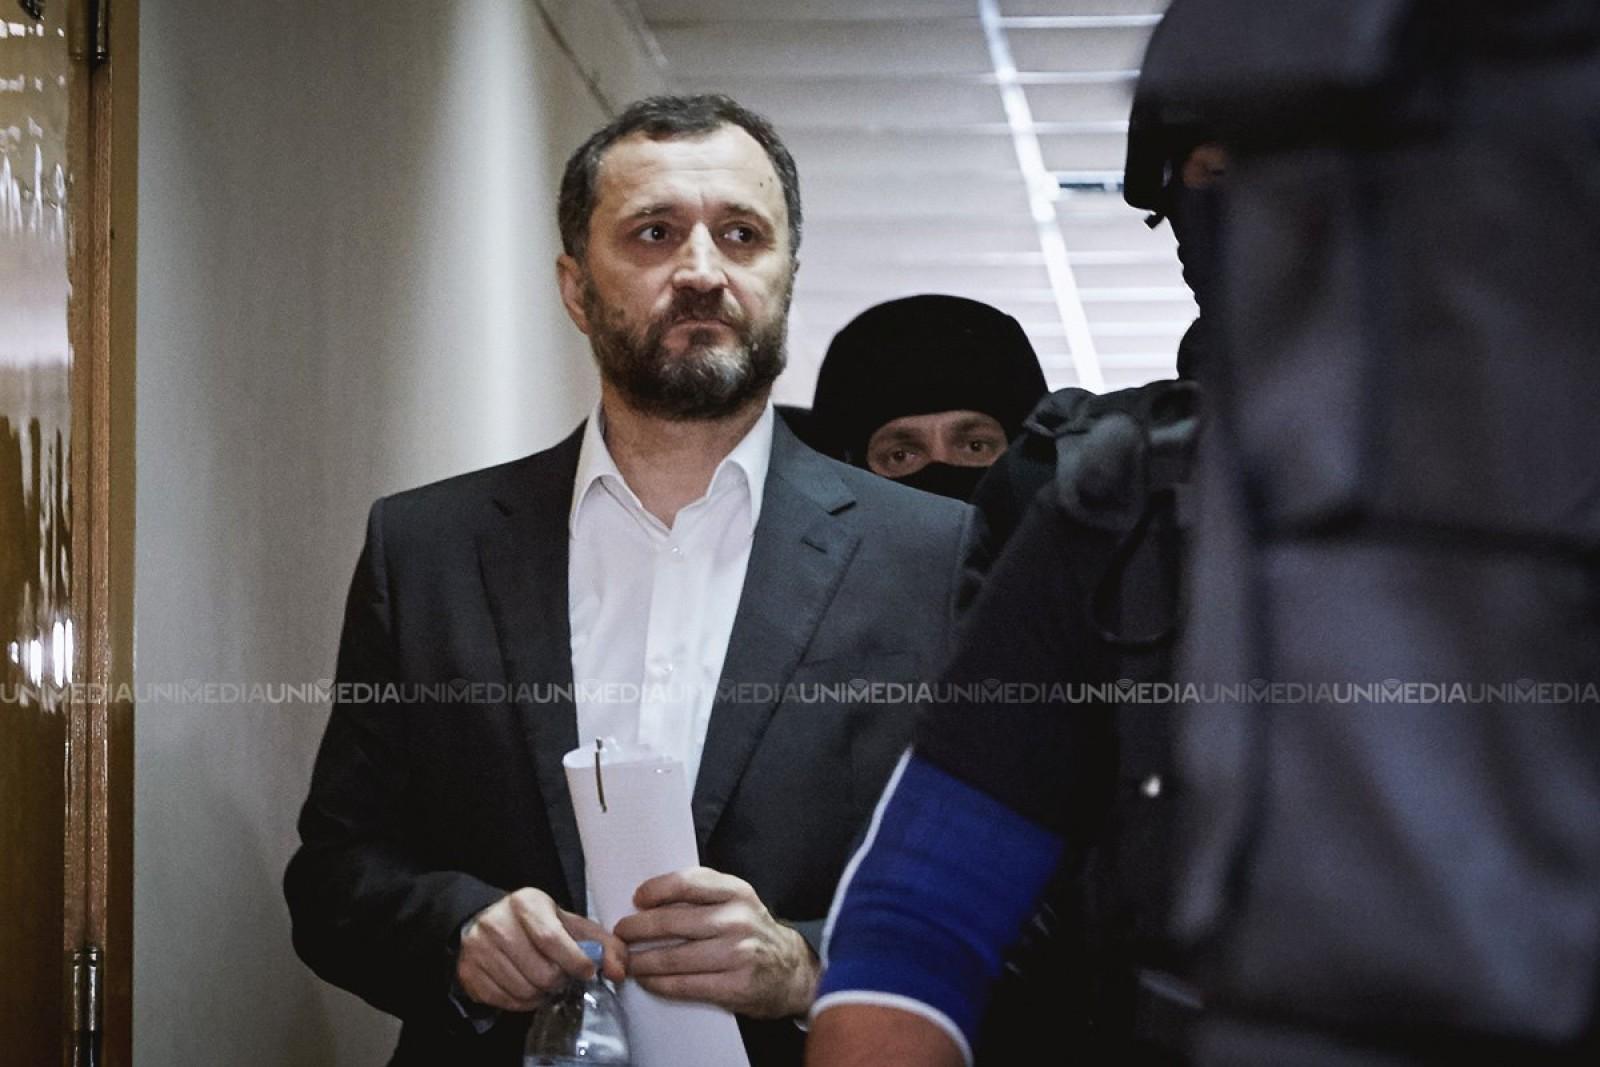 (doc) Un grup de jurnaliști a depus un demers comun pentru a realiza un interviu cu ex-premierul Vlad Filat. Despre cine este vorba